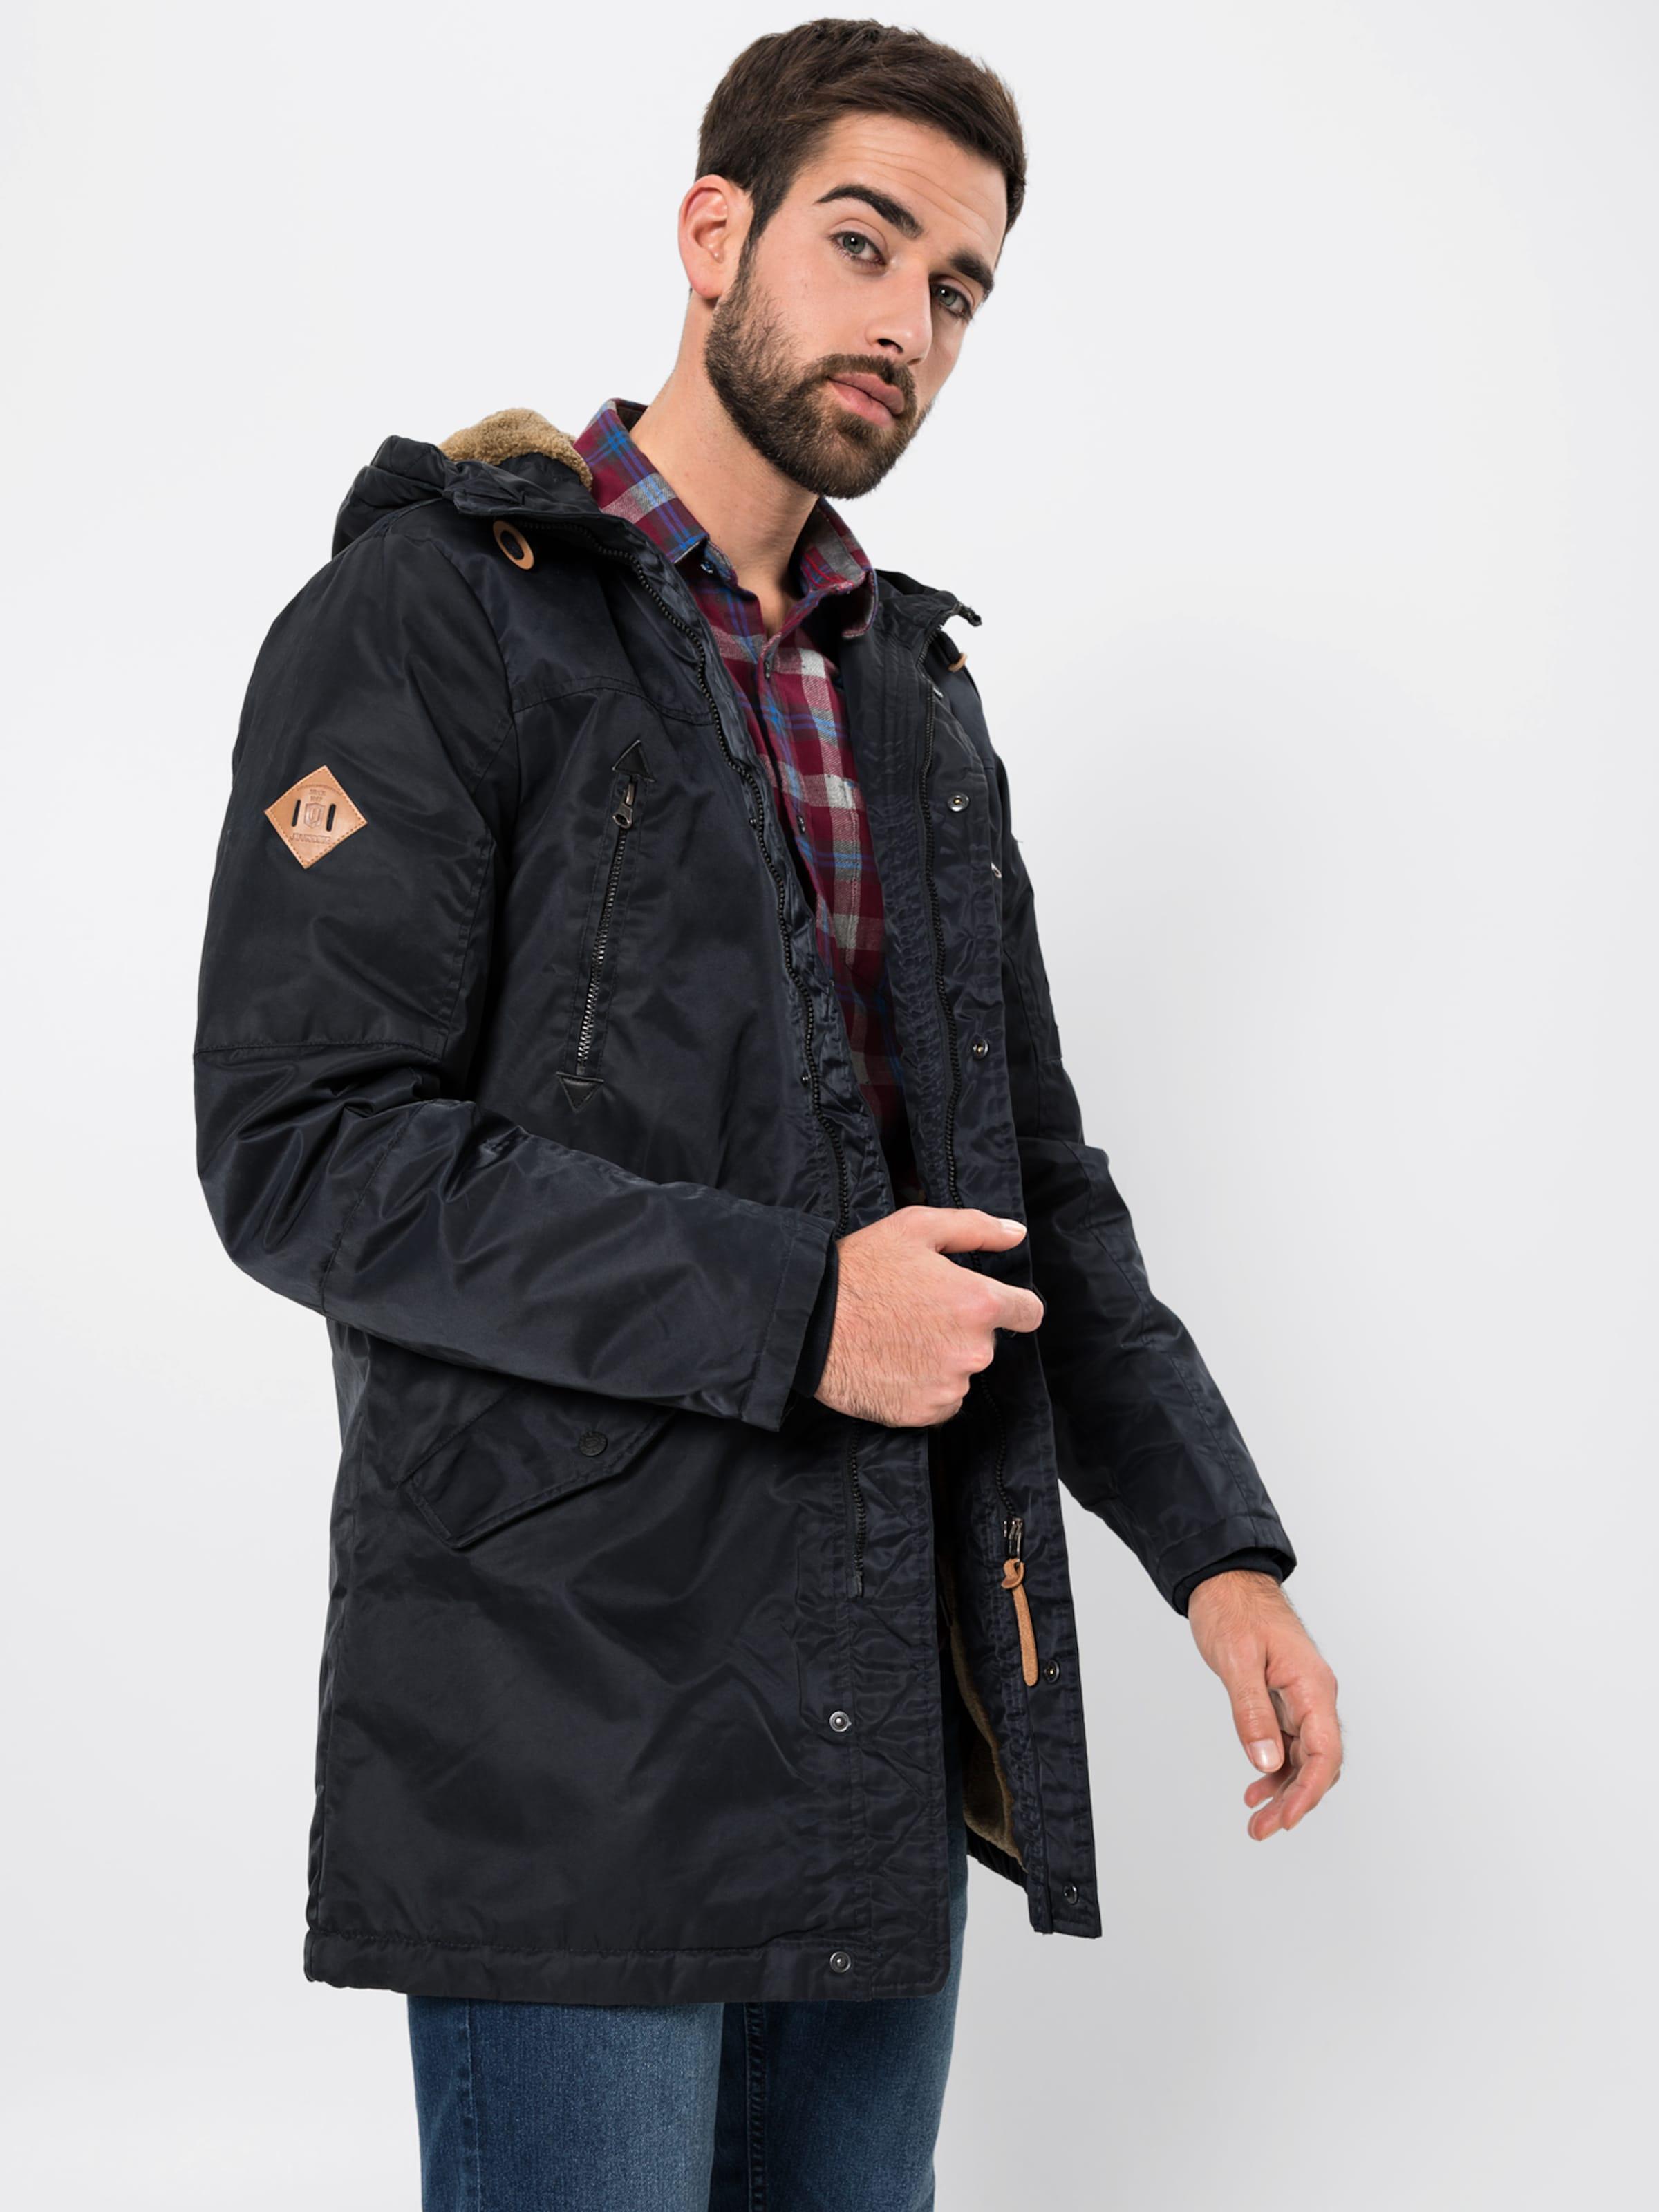 Jeans En Foncé Bleu Indicode 'woodman' D'hiver Veste OZiPXkuT